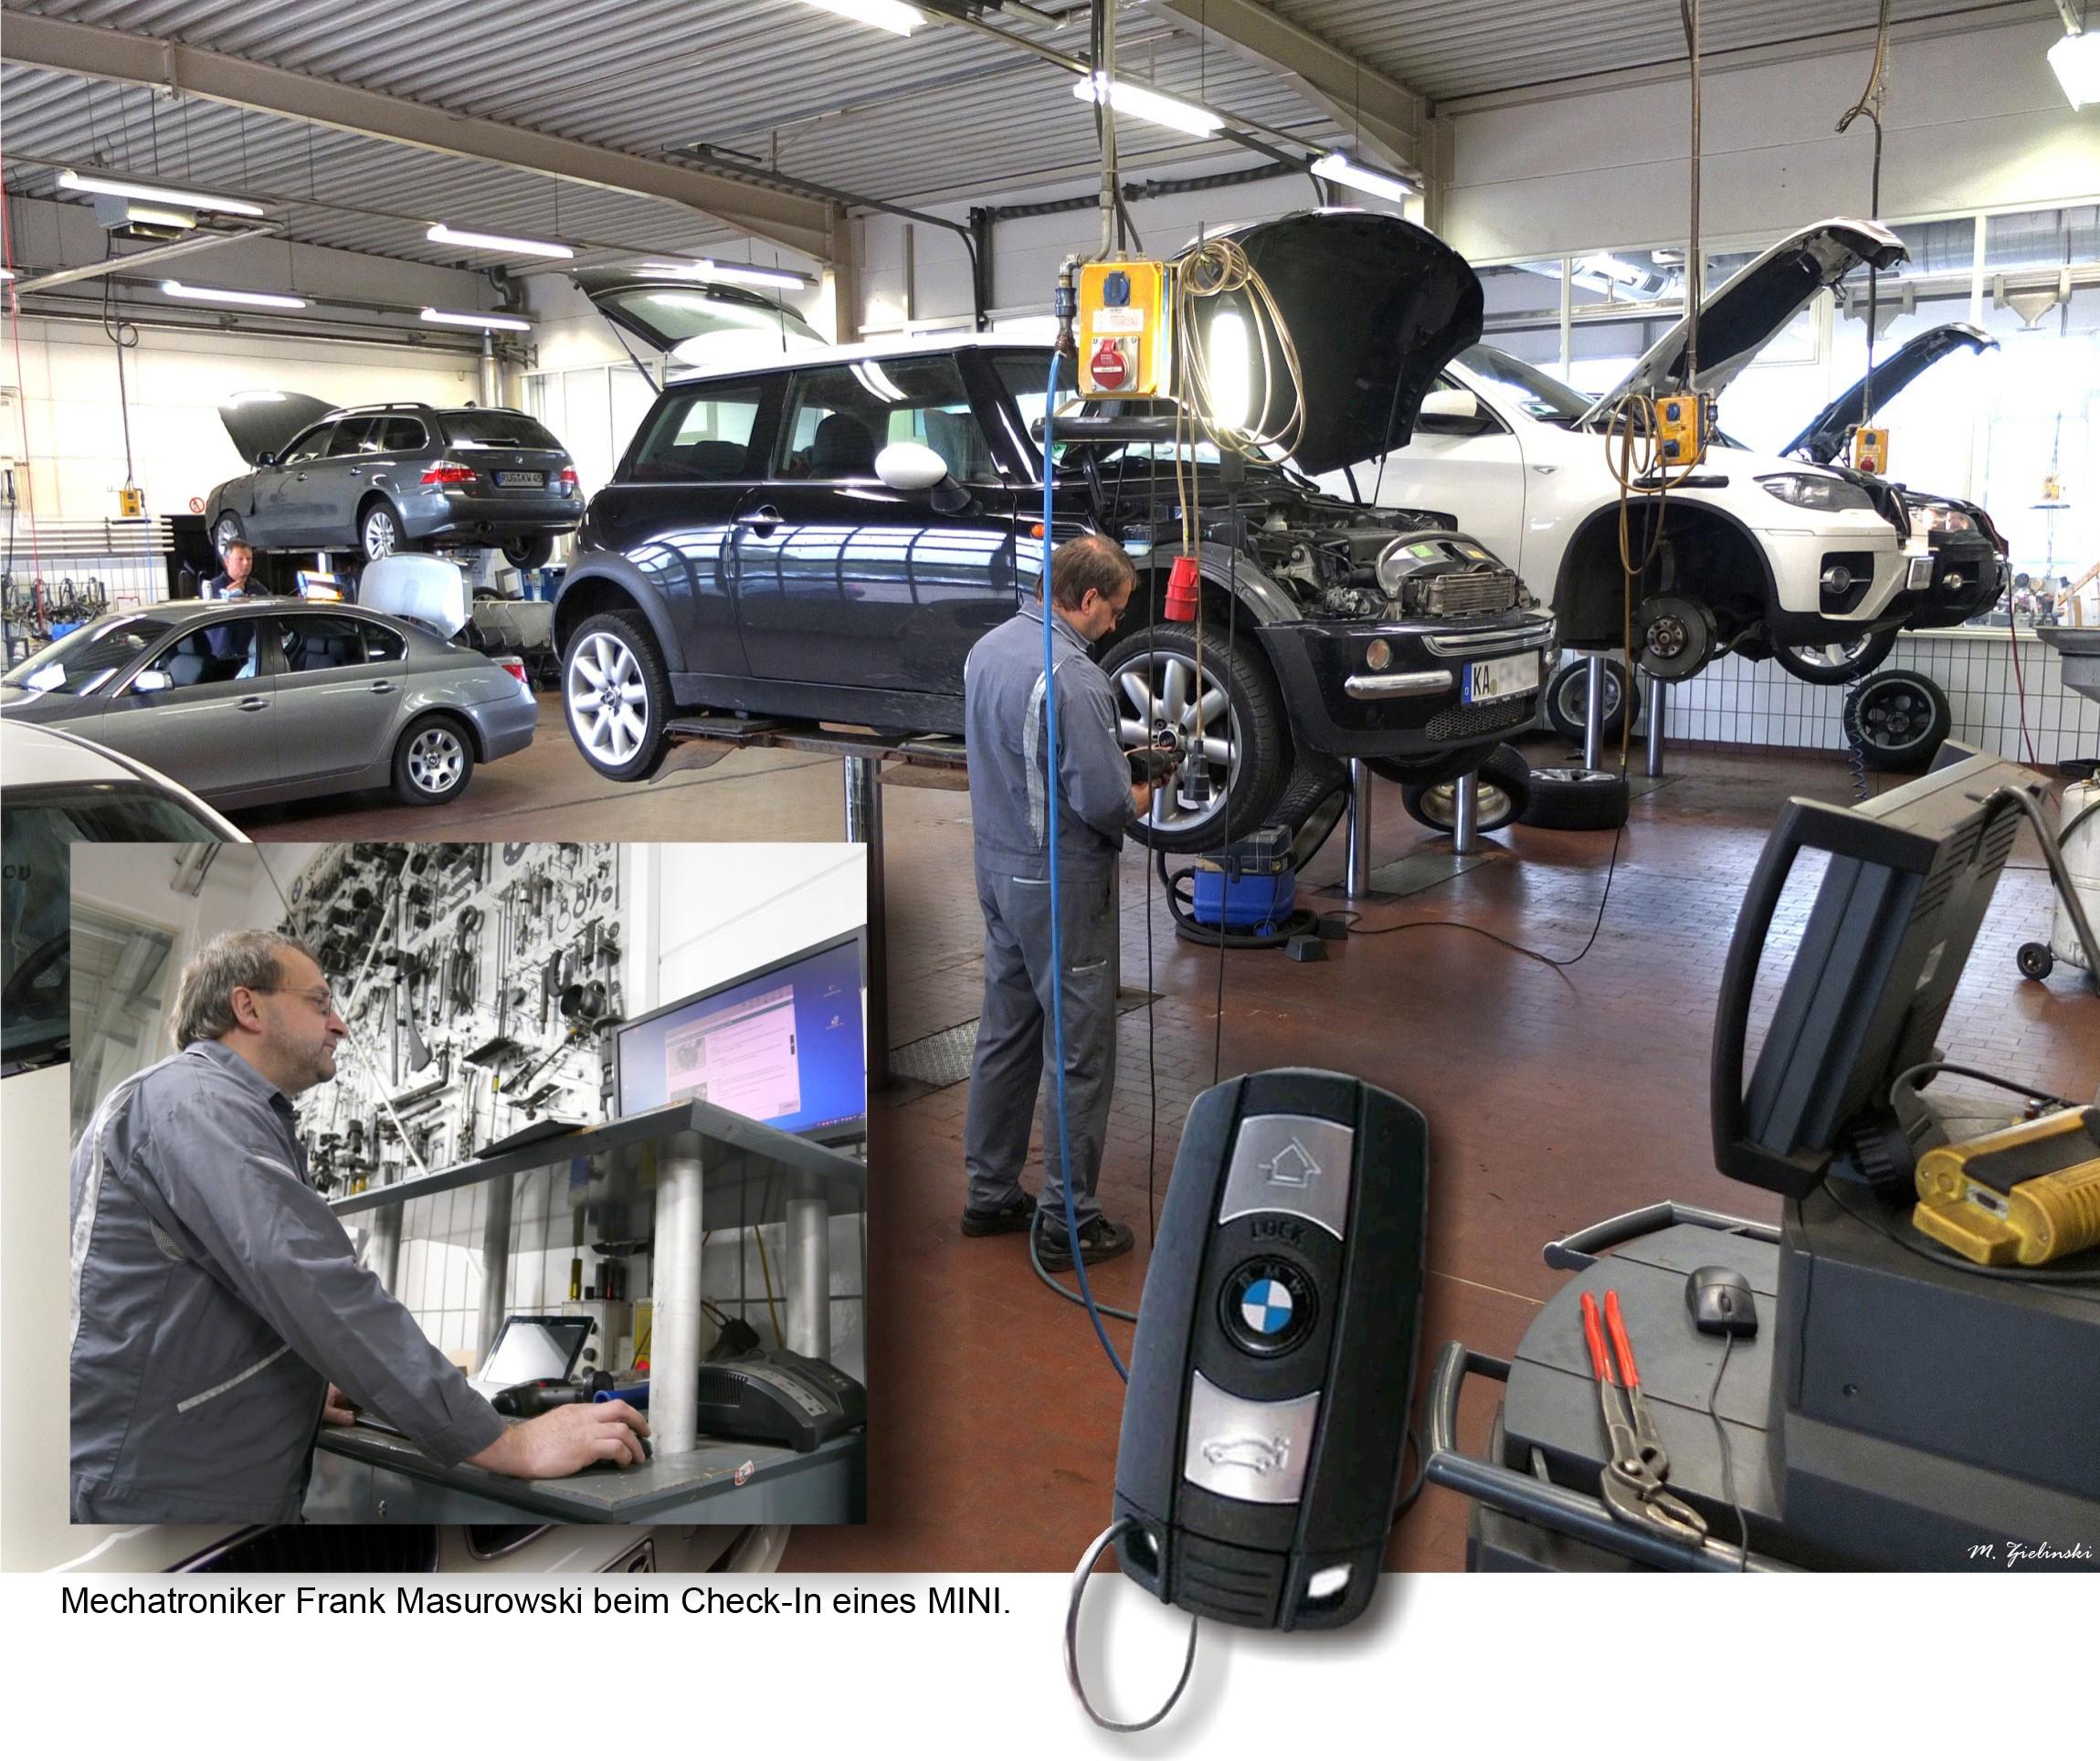 Check-in und Radwechsel im Autohaus Leschitzki